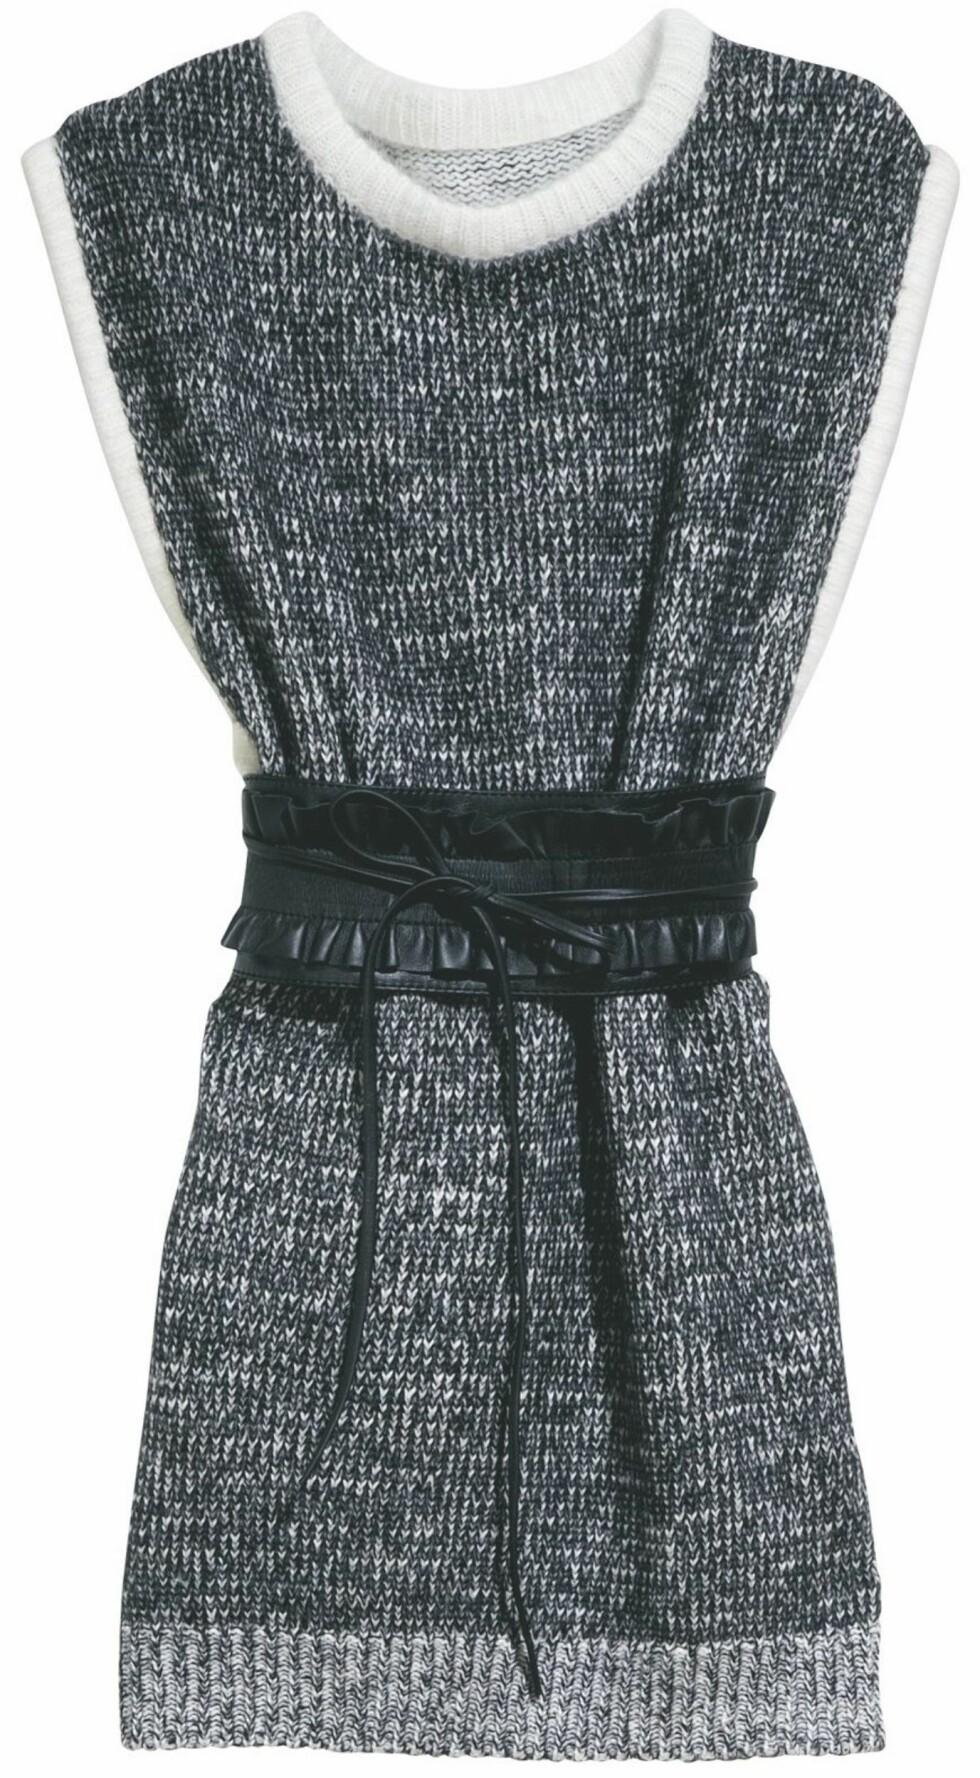 Strikkekjole med svart belte (kr 400, H&M).